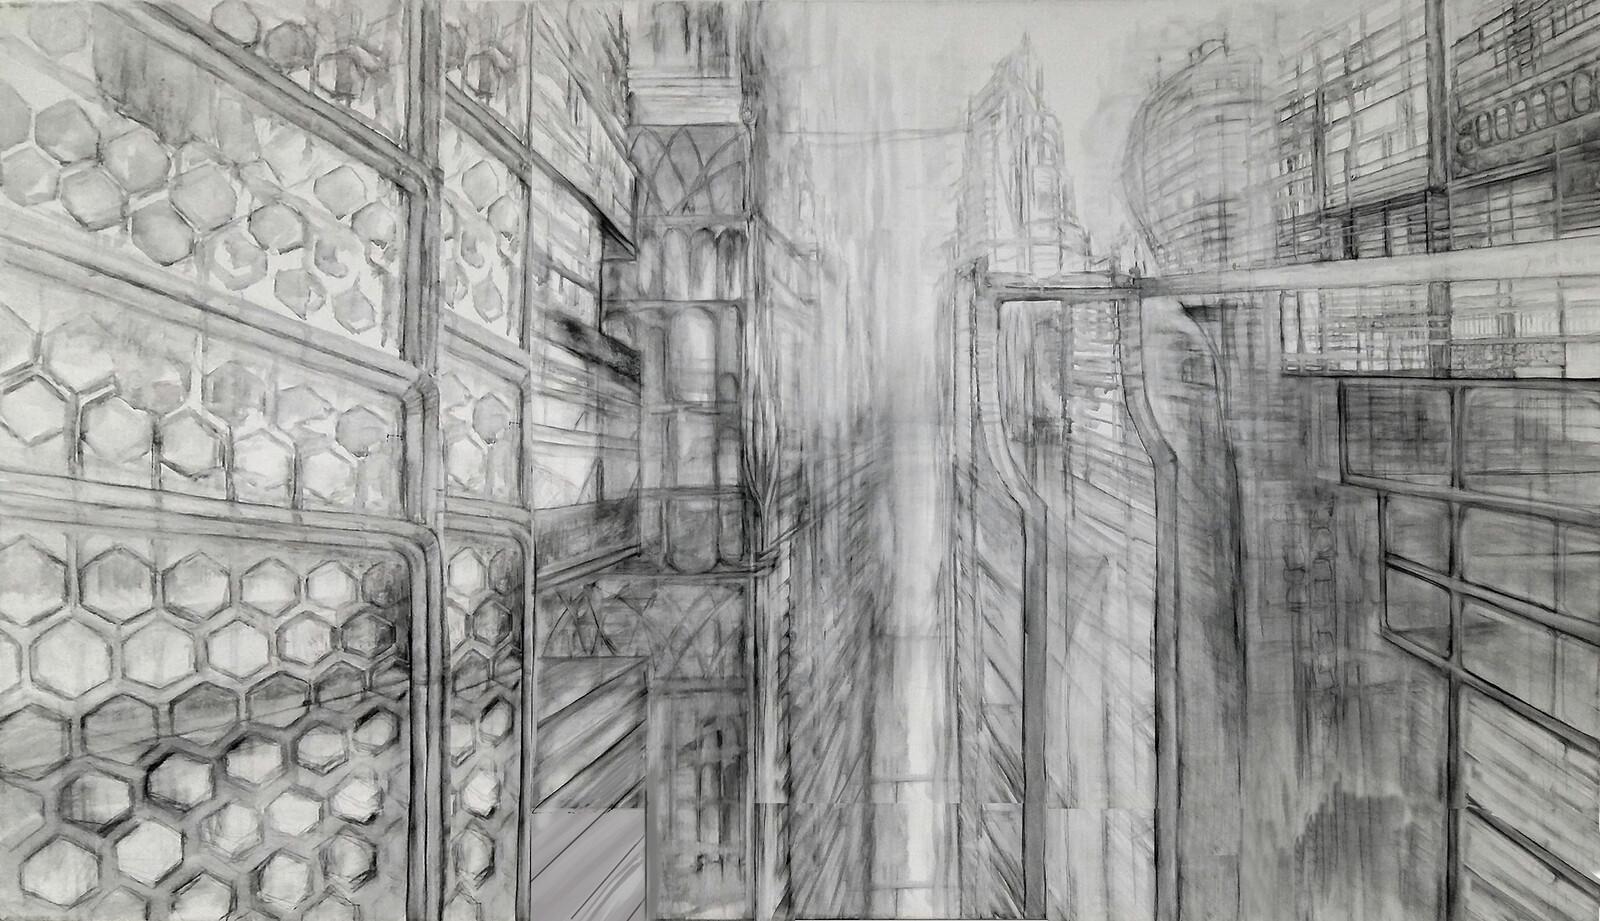 line work 1 (canvas, 155 x 94 cm) - digitalized